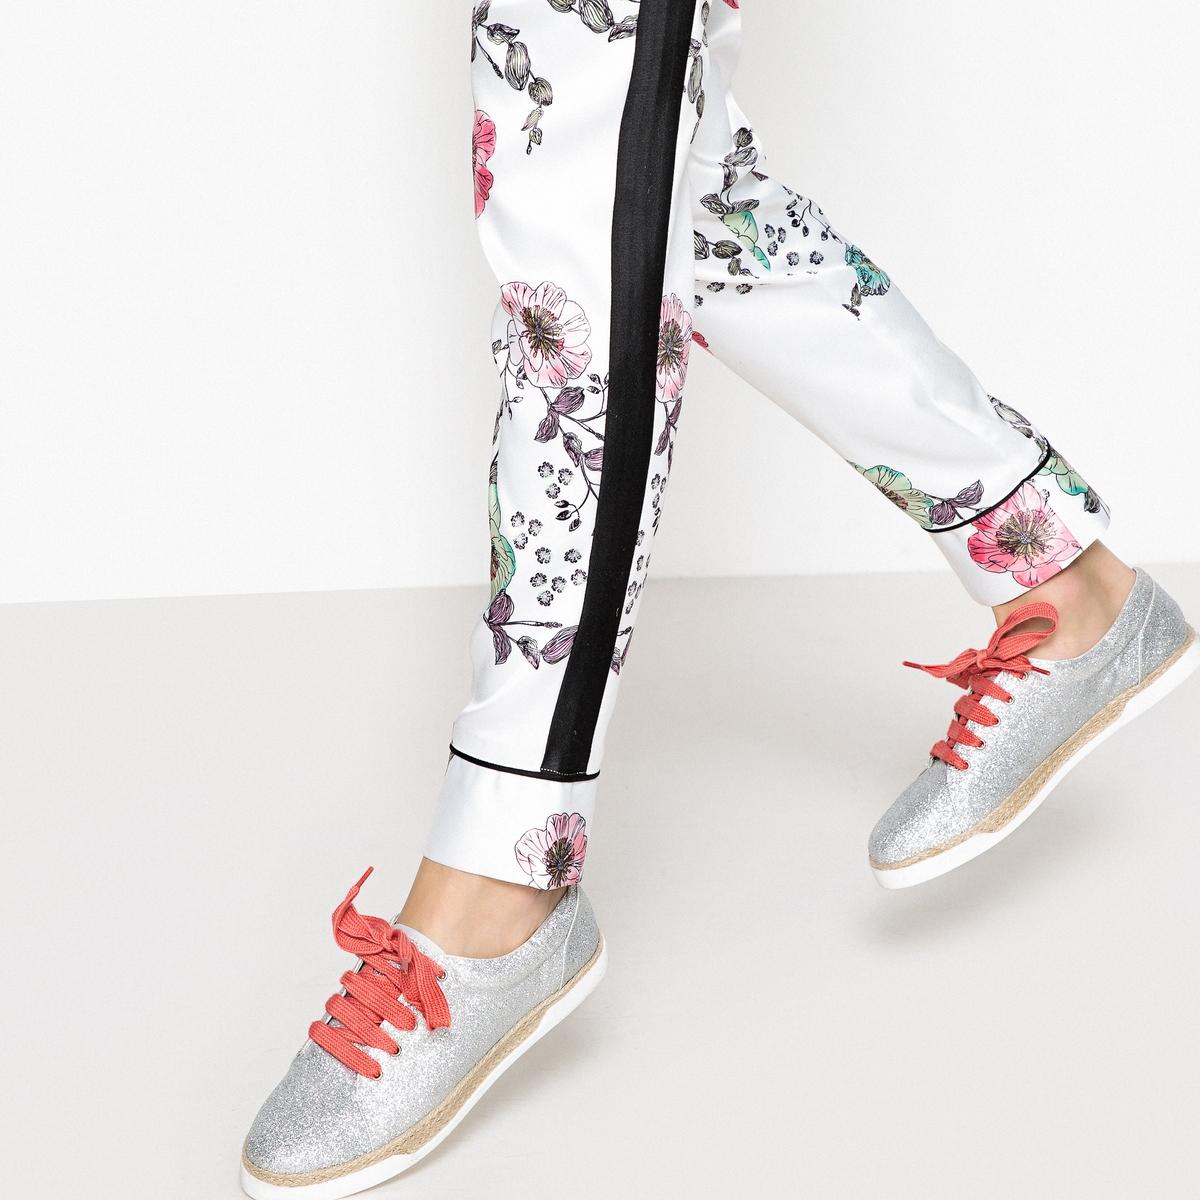 Zapatillas con brillantes, suela de cuerda